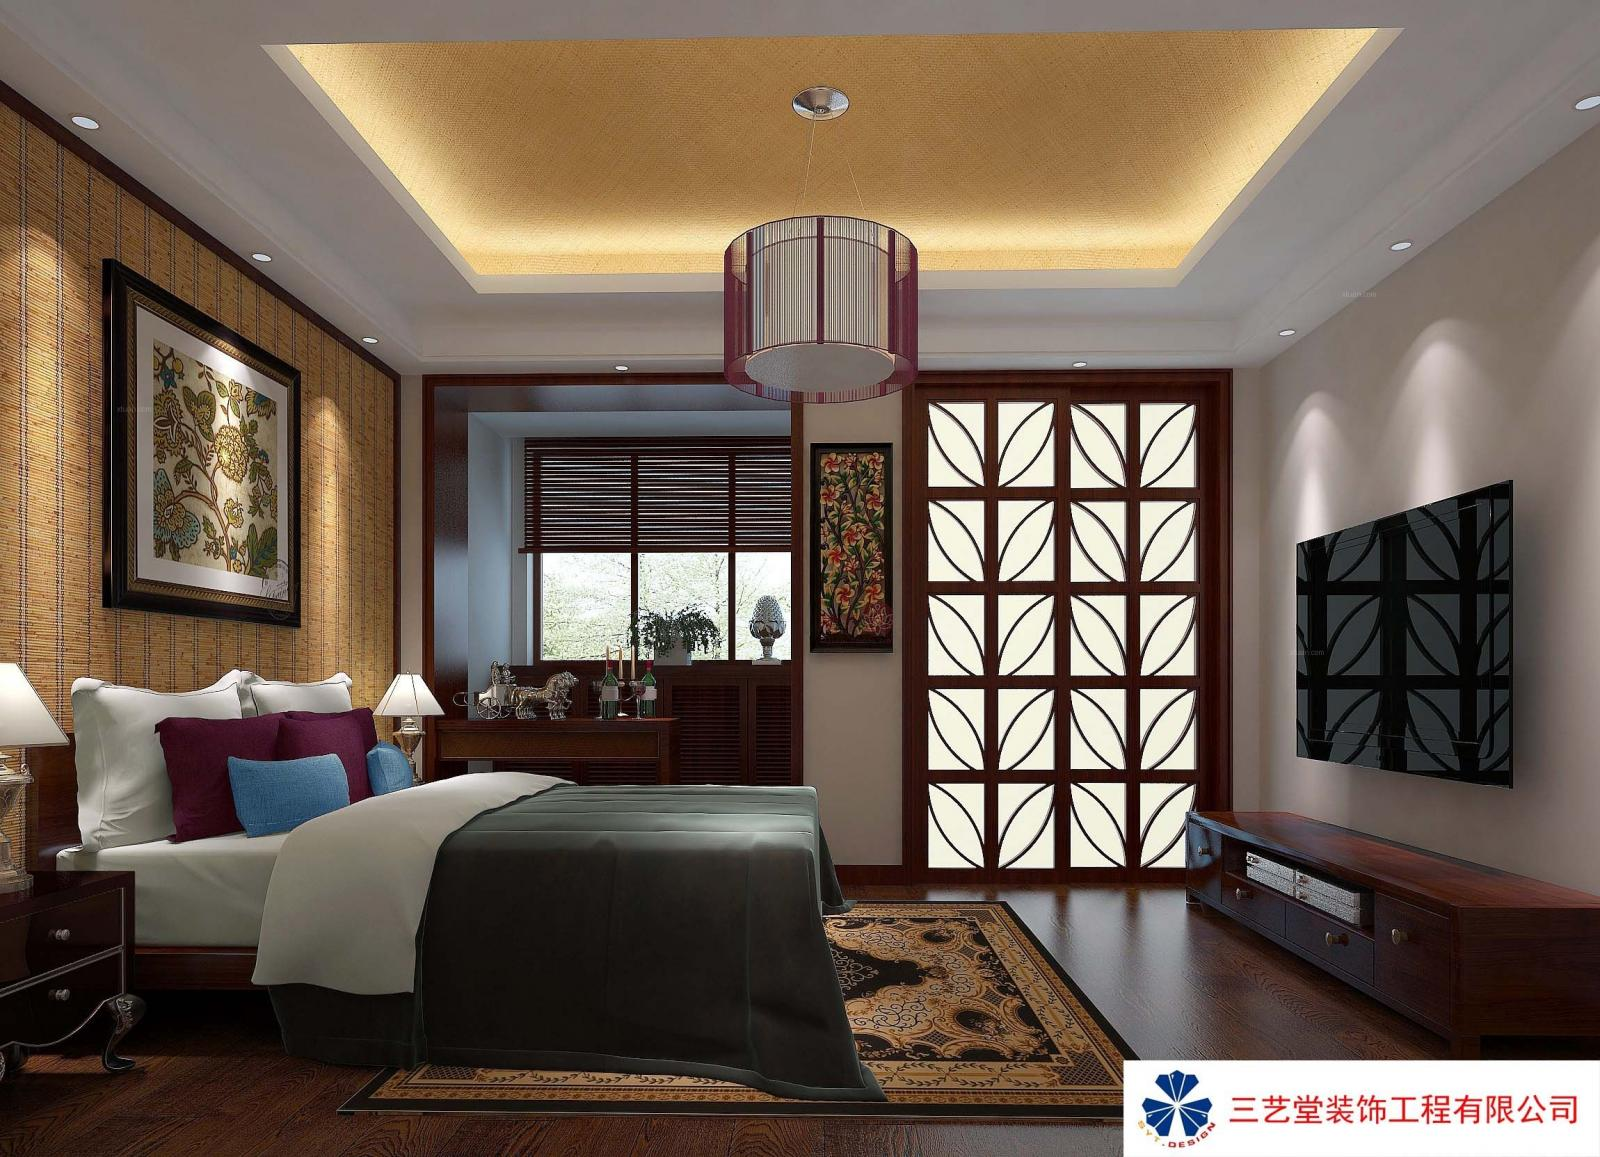 中式卧室装修效果图 套房卧室装